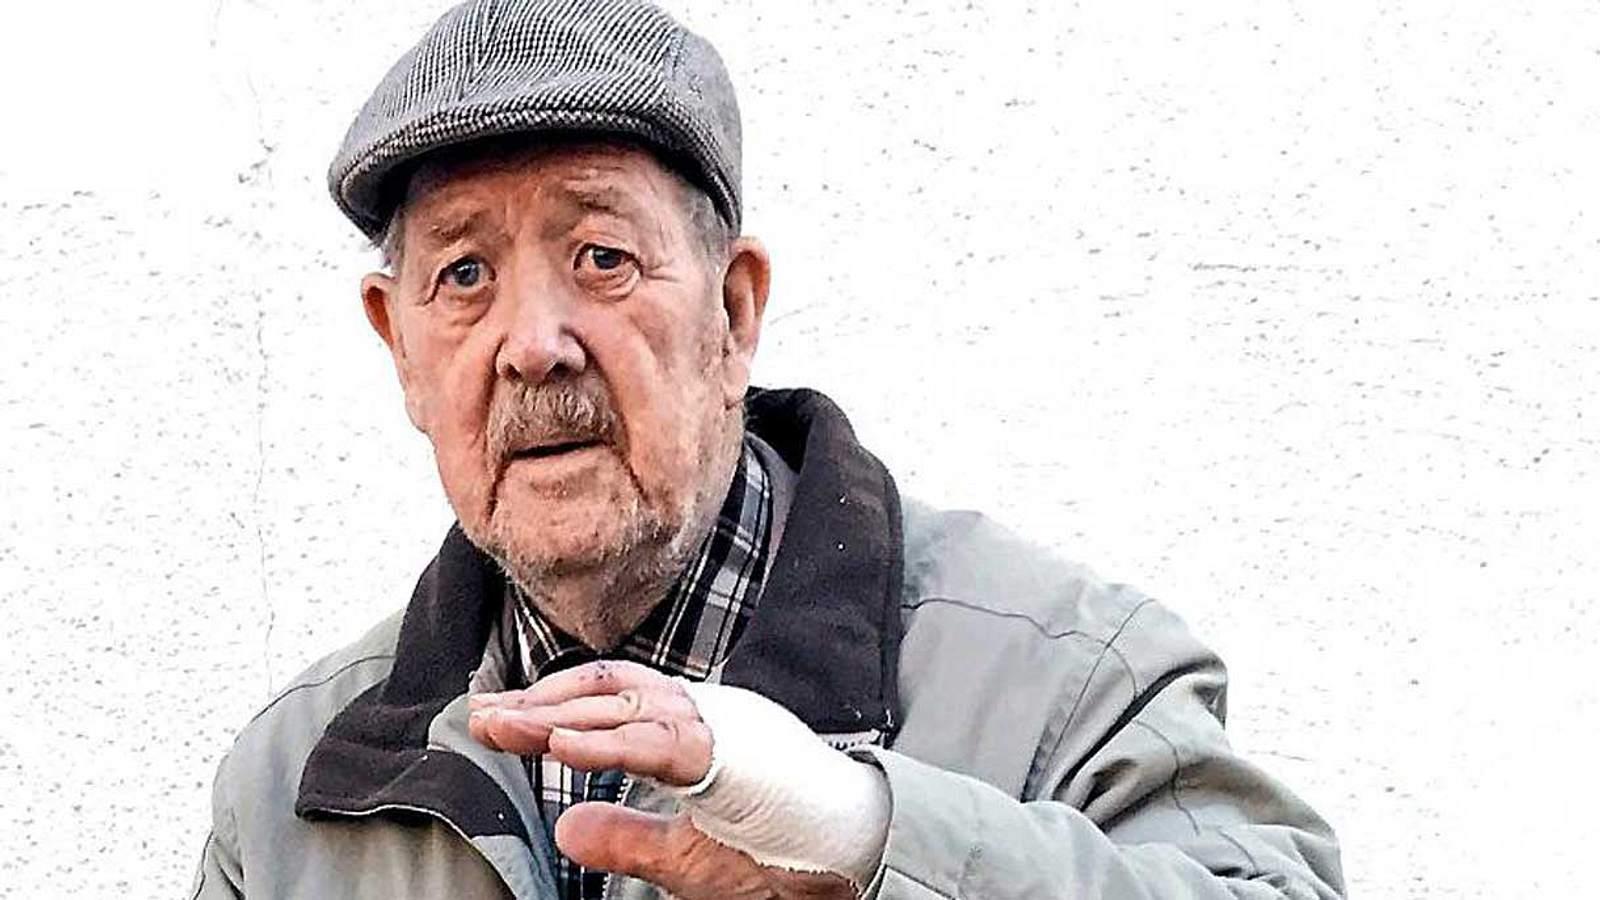 Bewaffnete Gang will Frau überfallen - ein 88-jähriger Ex-Elite-Soldat greift ein